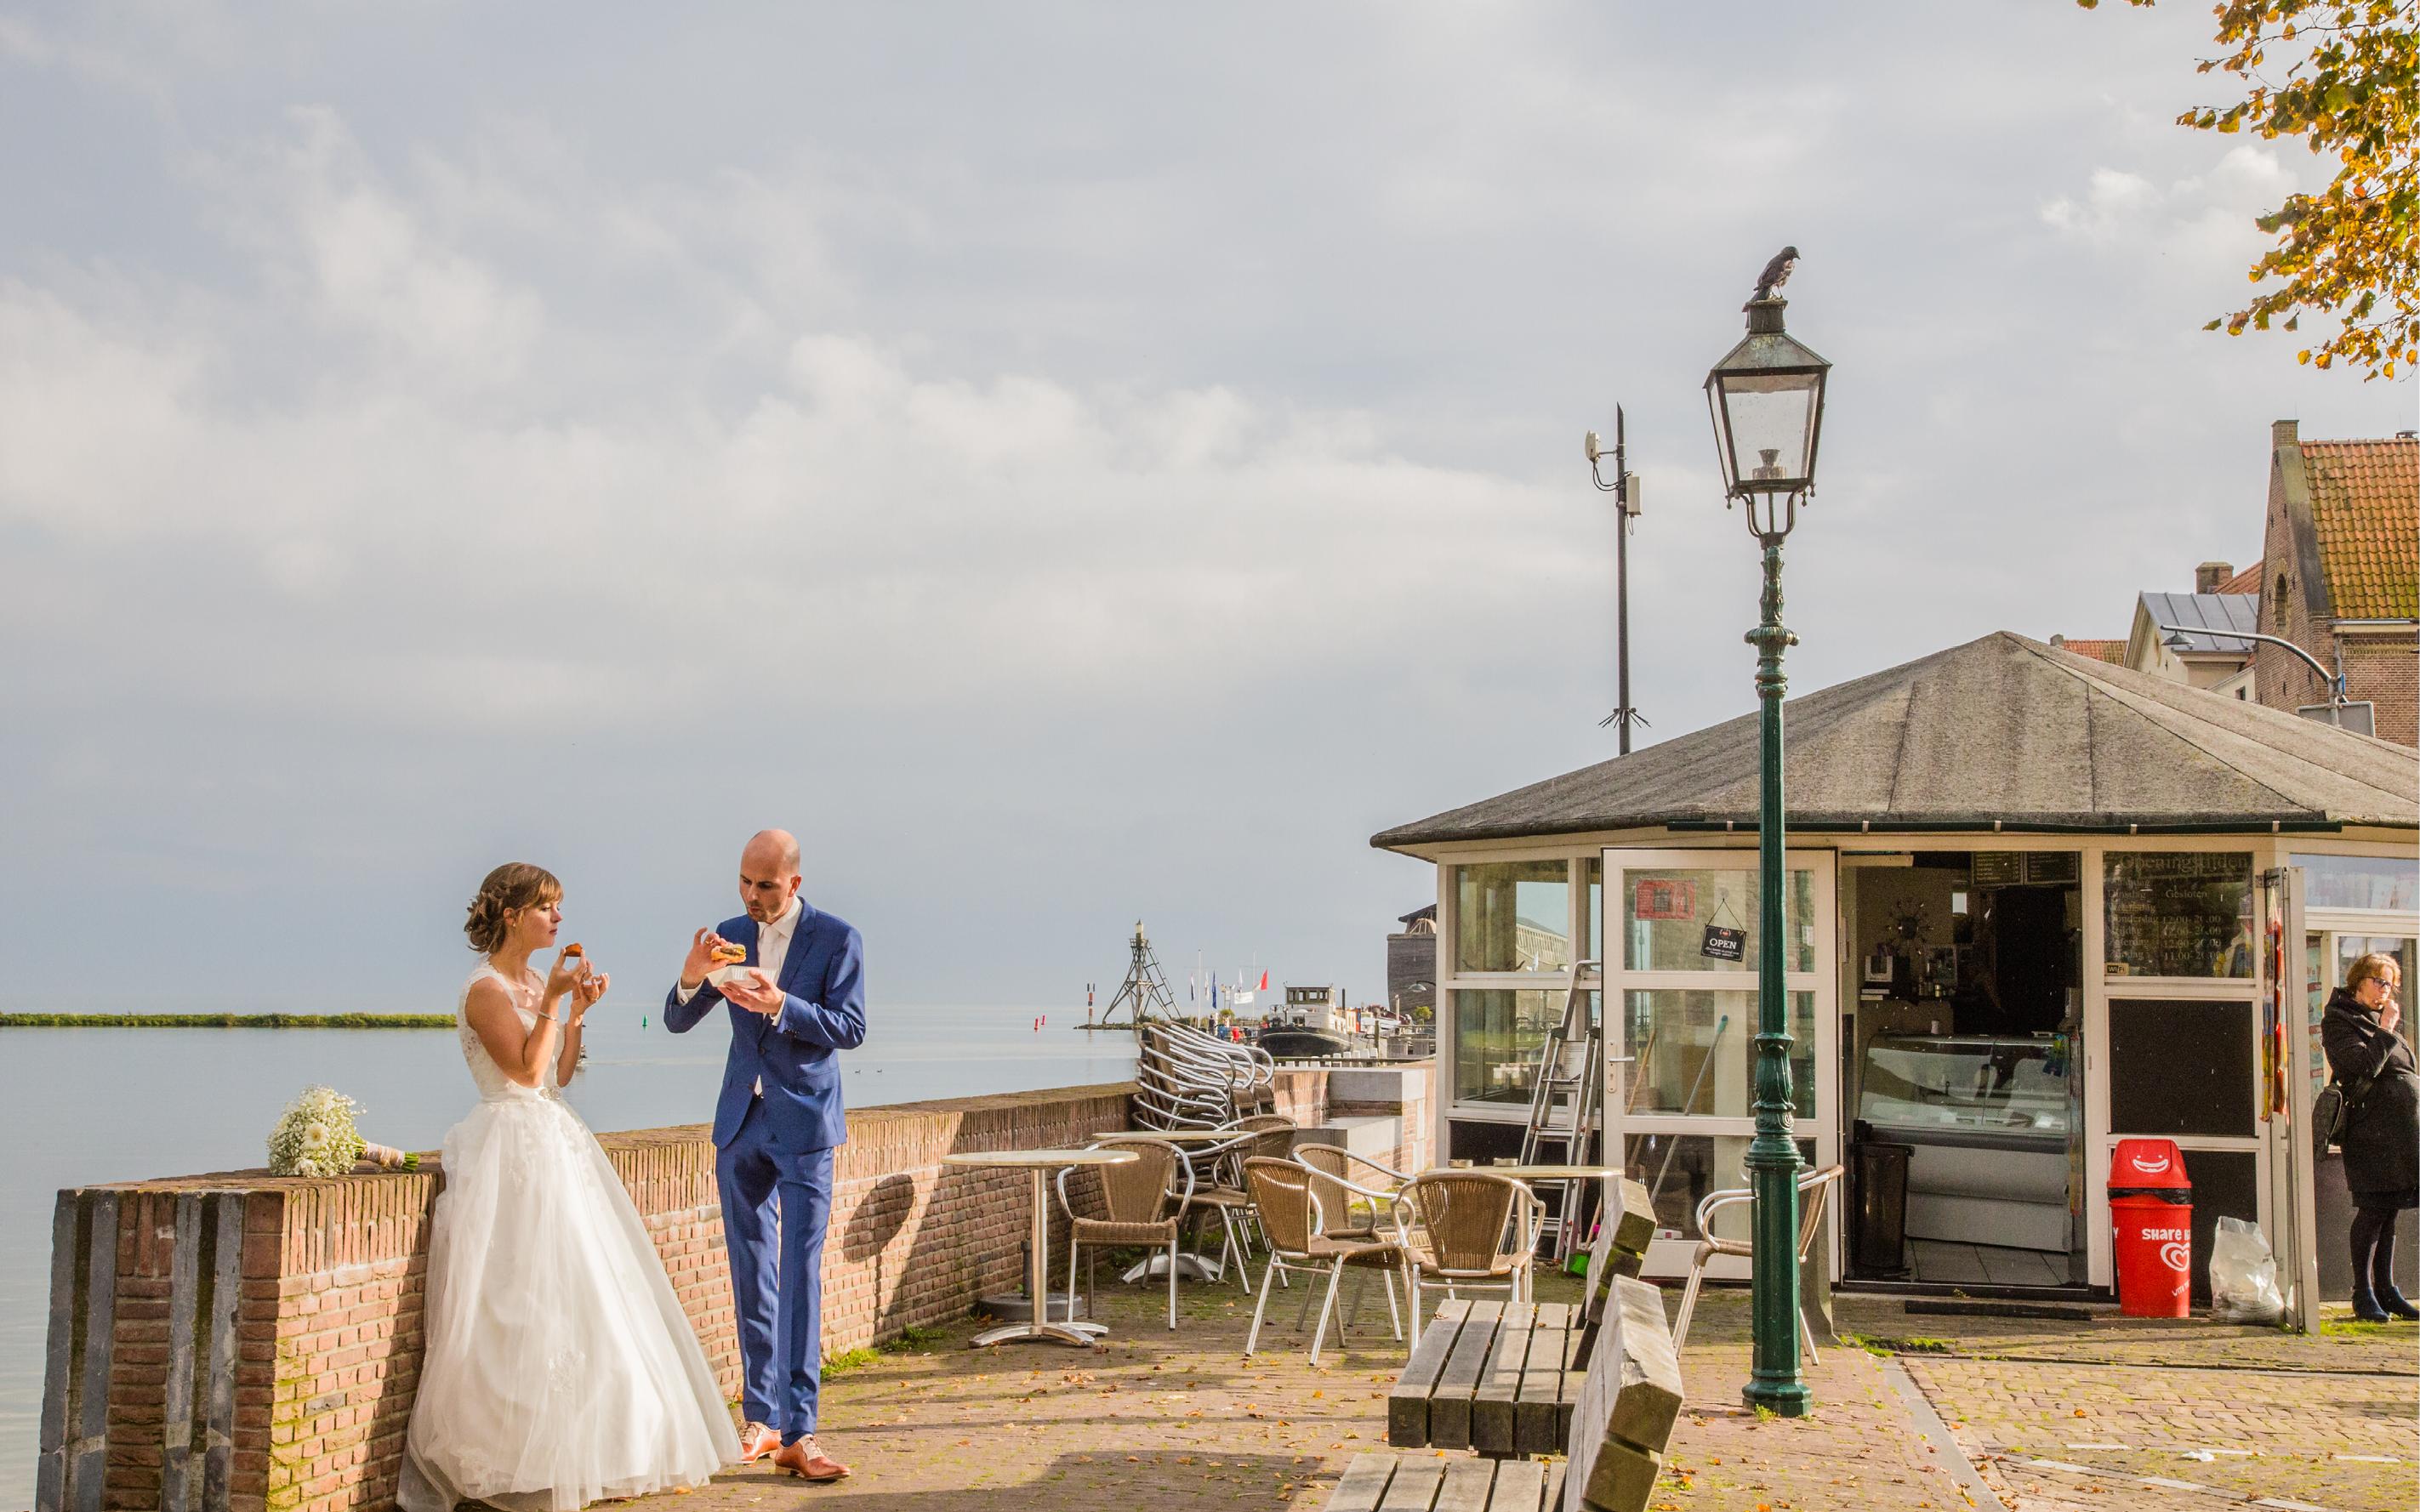 Levensfoto, Huwelijksfoto, trouwfoto, wedding, kroket eten